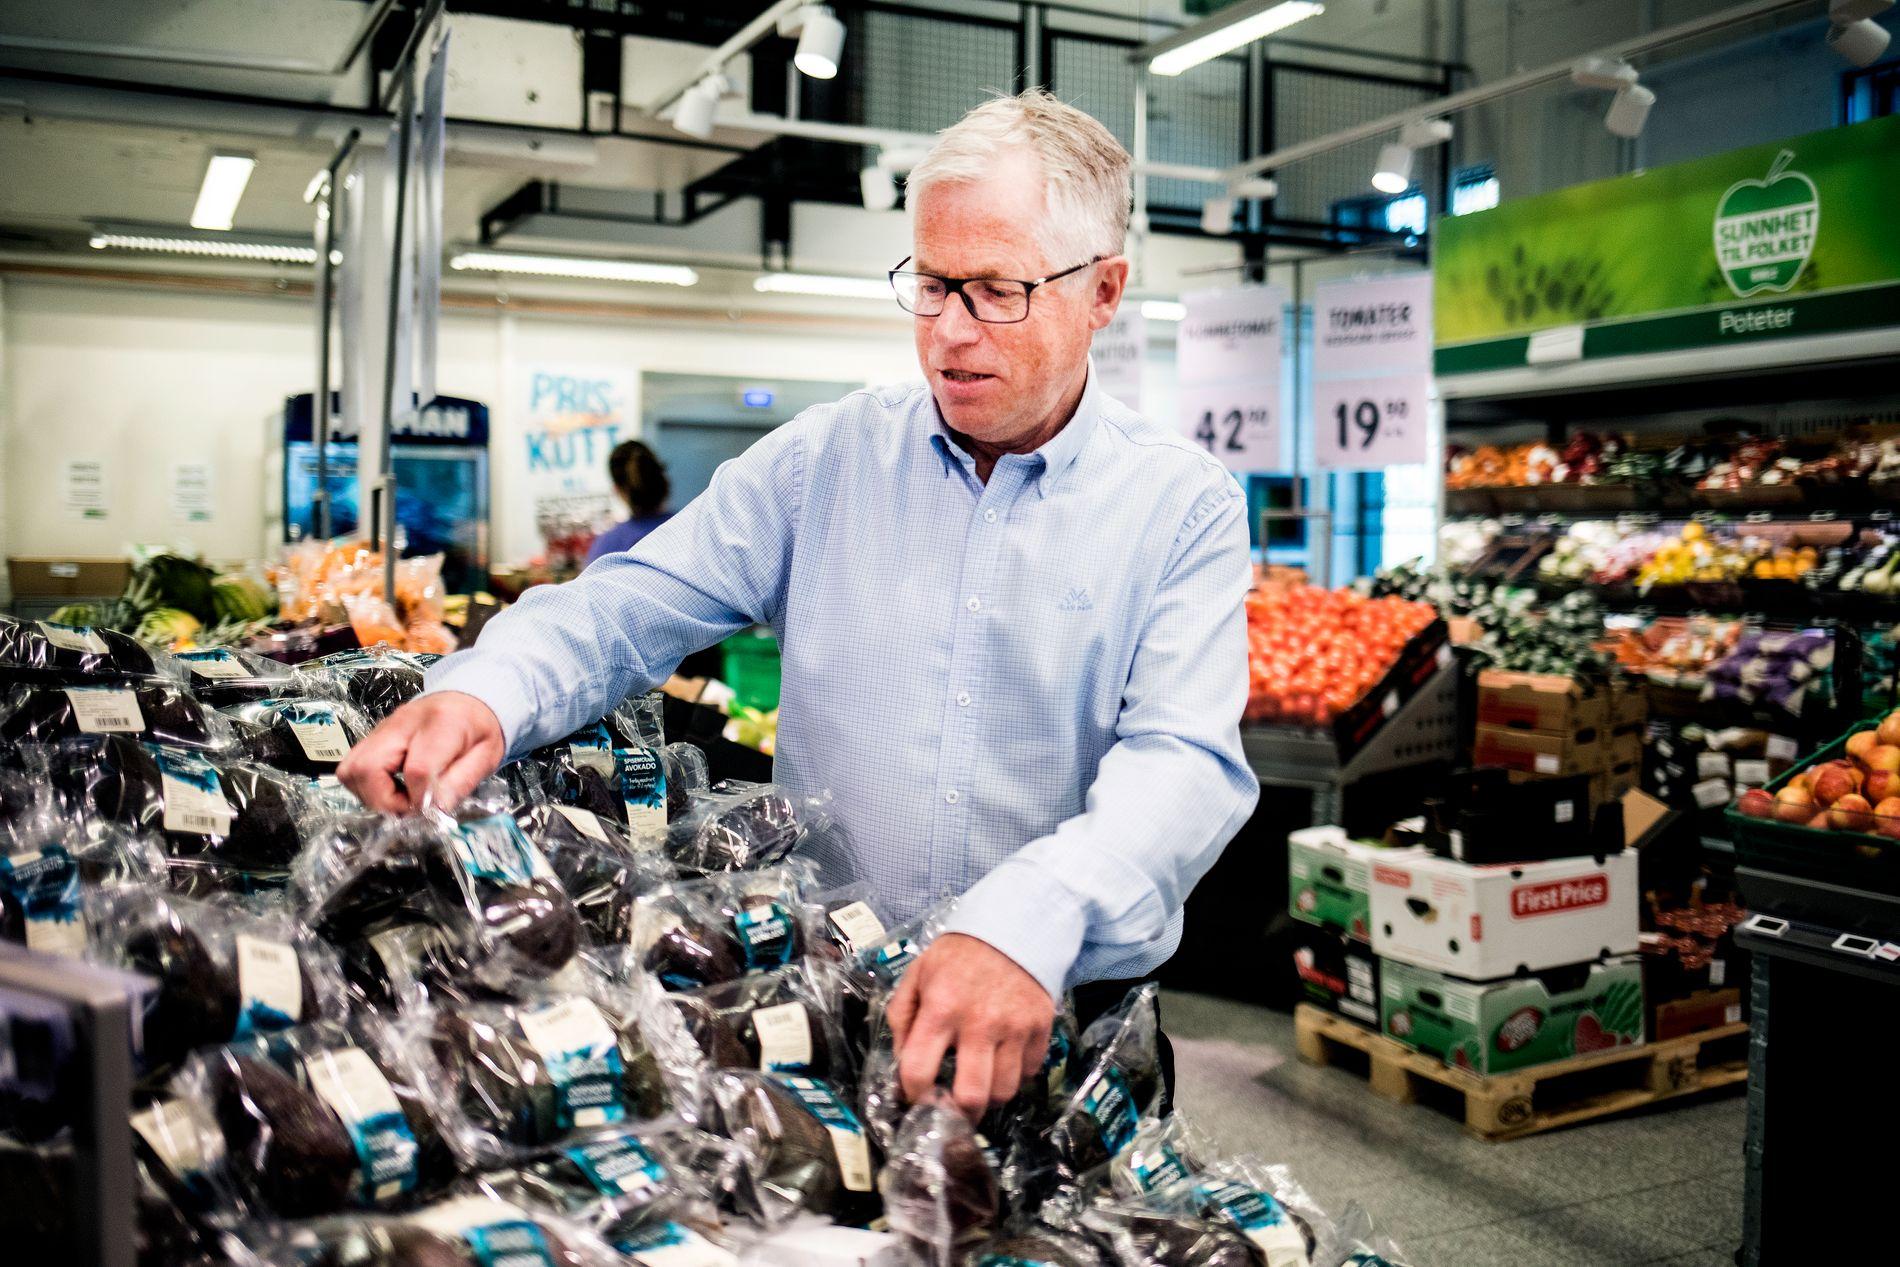 INN MED PAPP: Norske dagligvarebutikker kommer til å fjerne hundrevis av tonn plast fra frukt- og grønt-diskene. Bare nye begre under avokadoene vil fjerne 30 tonn plast hos KIWI, forteller KIWI-sjef Jan Paul Bjørkøy.